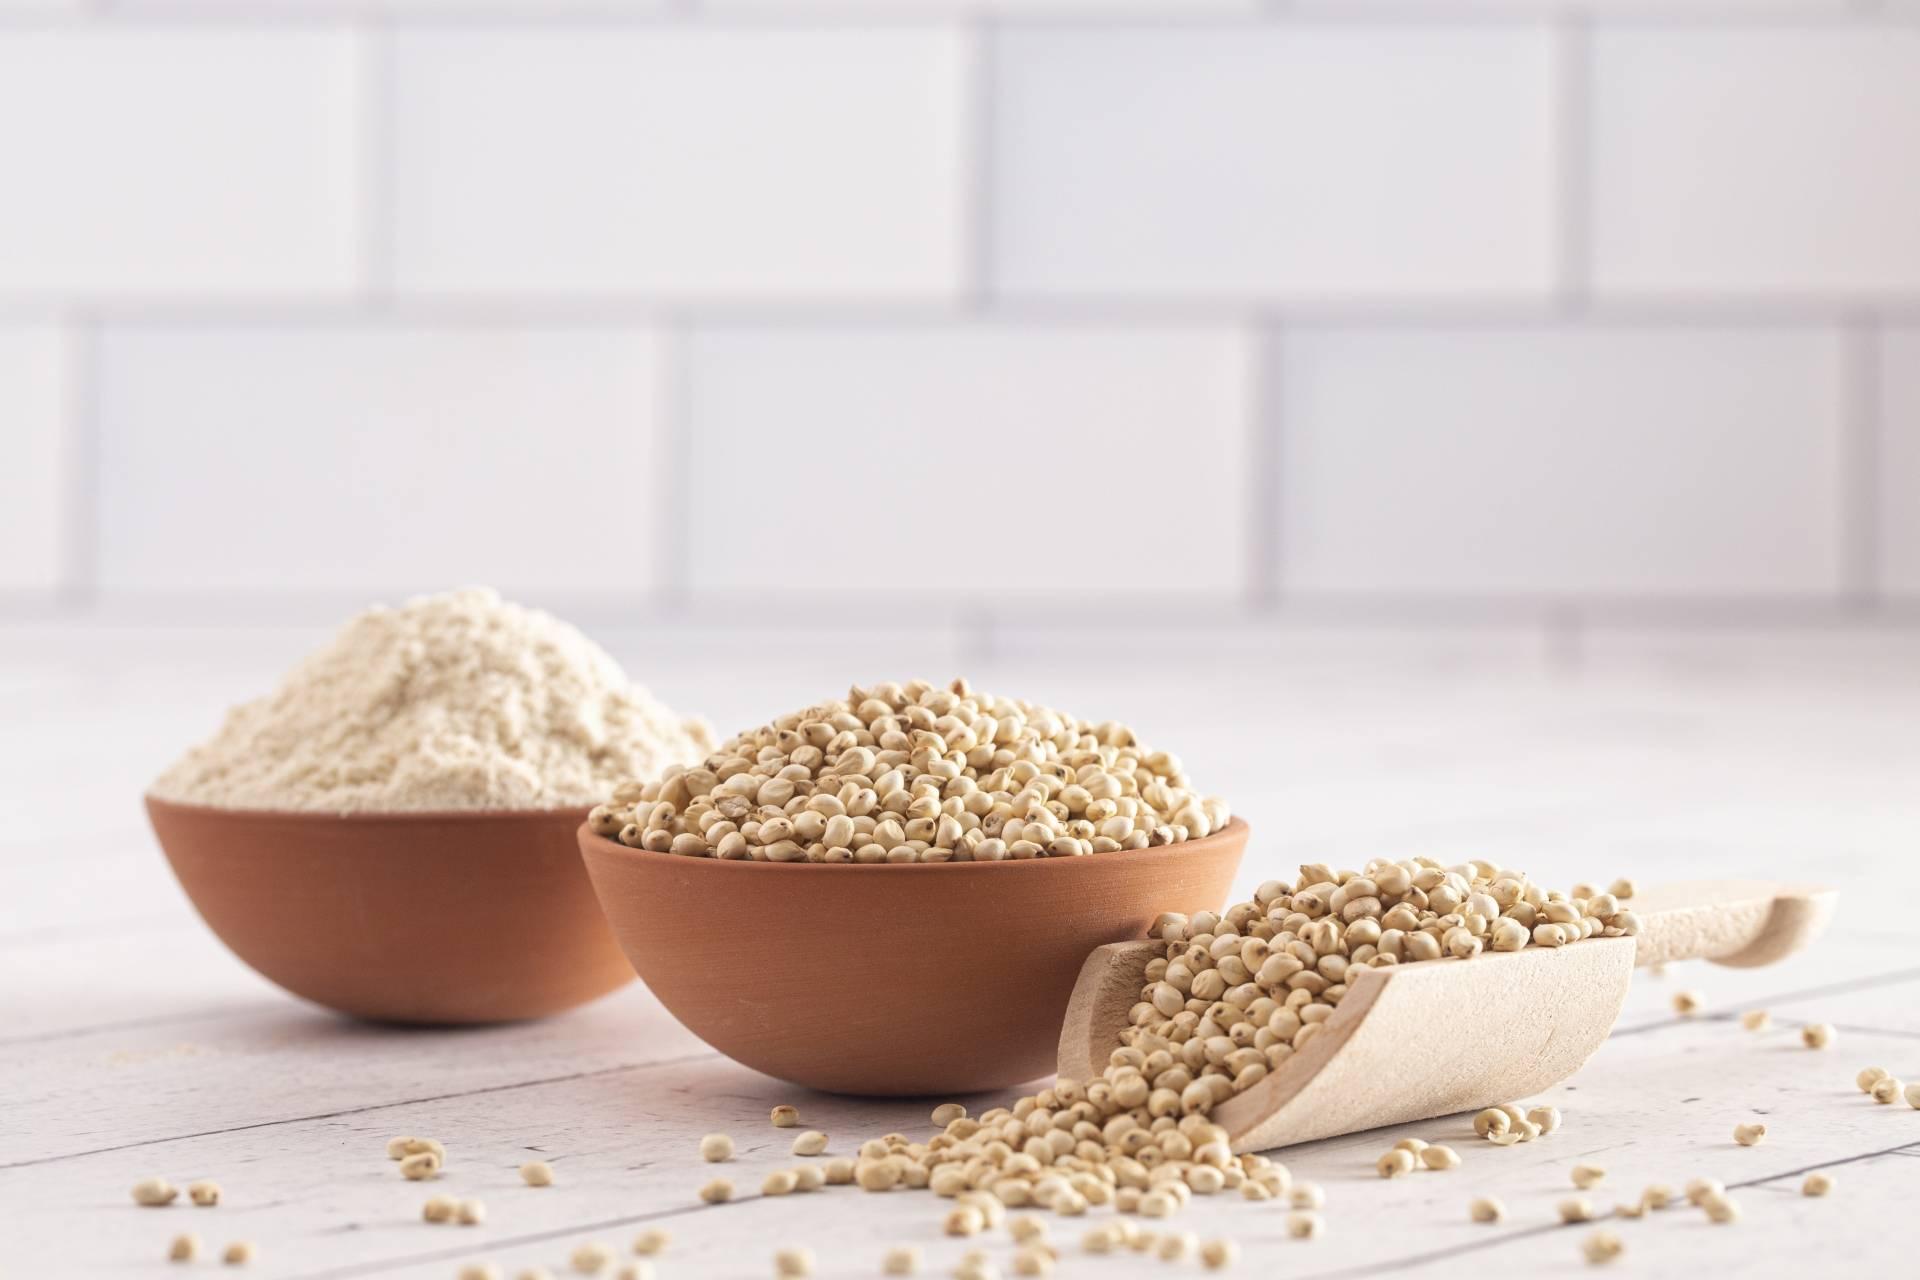 Mąki bez glutenu, mąki bezglutenowe. Mąka z sorgo i ziarna w miseczkach na kuchennym blacie.